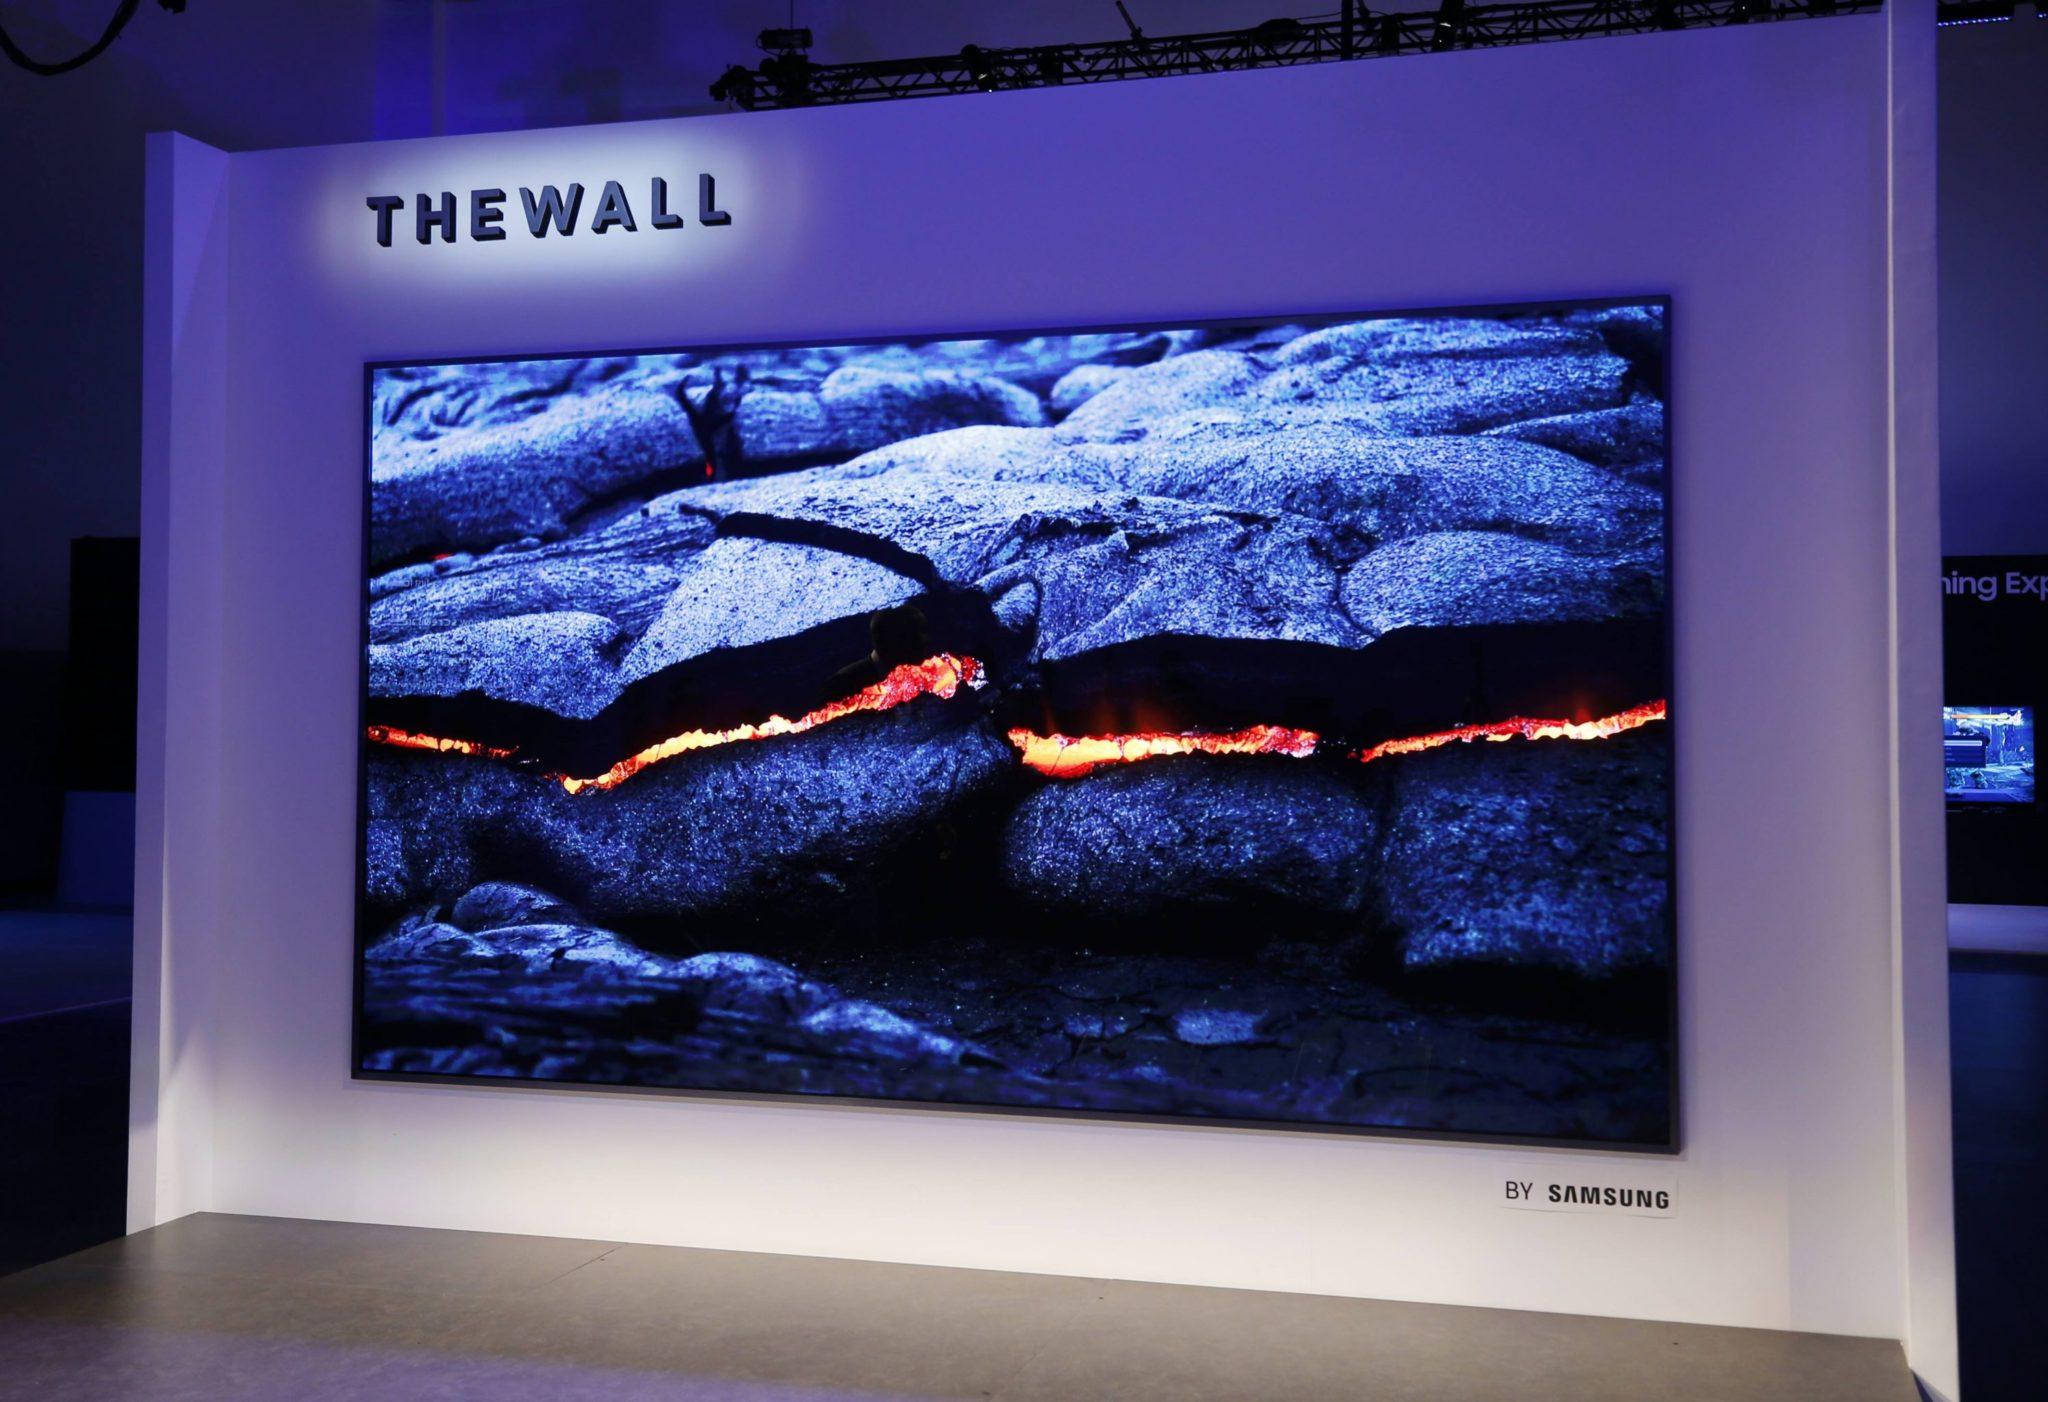 """""""ซัมซุง"""" เผยนวัตกรรมทีวีสุดอัจฉริยะ ครั้งแรกในโลกกับ """"เดอะวอลล์"""" โมดูลาร์ ไมโครแอลอีดี หน้าจอ 146 นิ้ว 13 - samsung"""